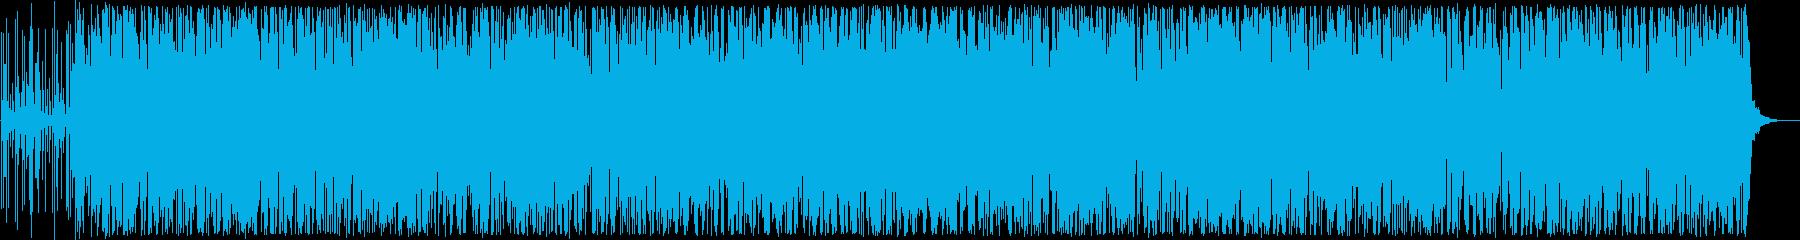 軽やかなラテン系管楽器トランペットなどの再生済みの波形